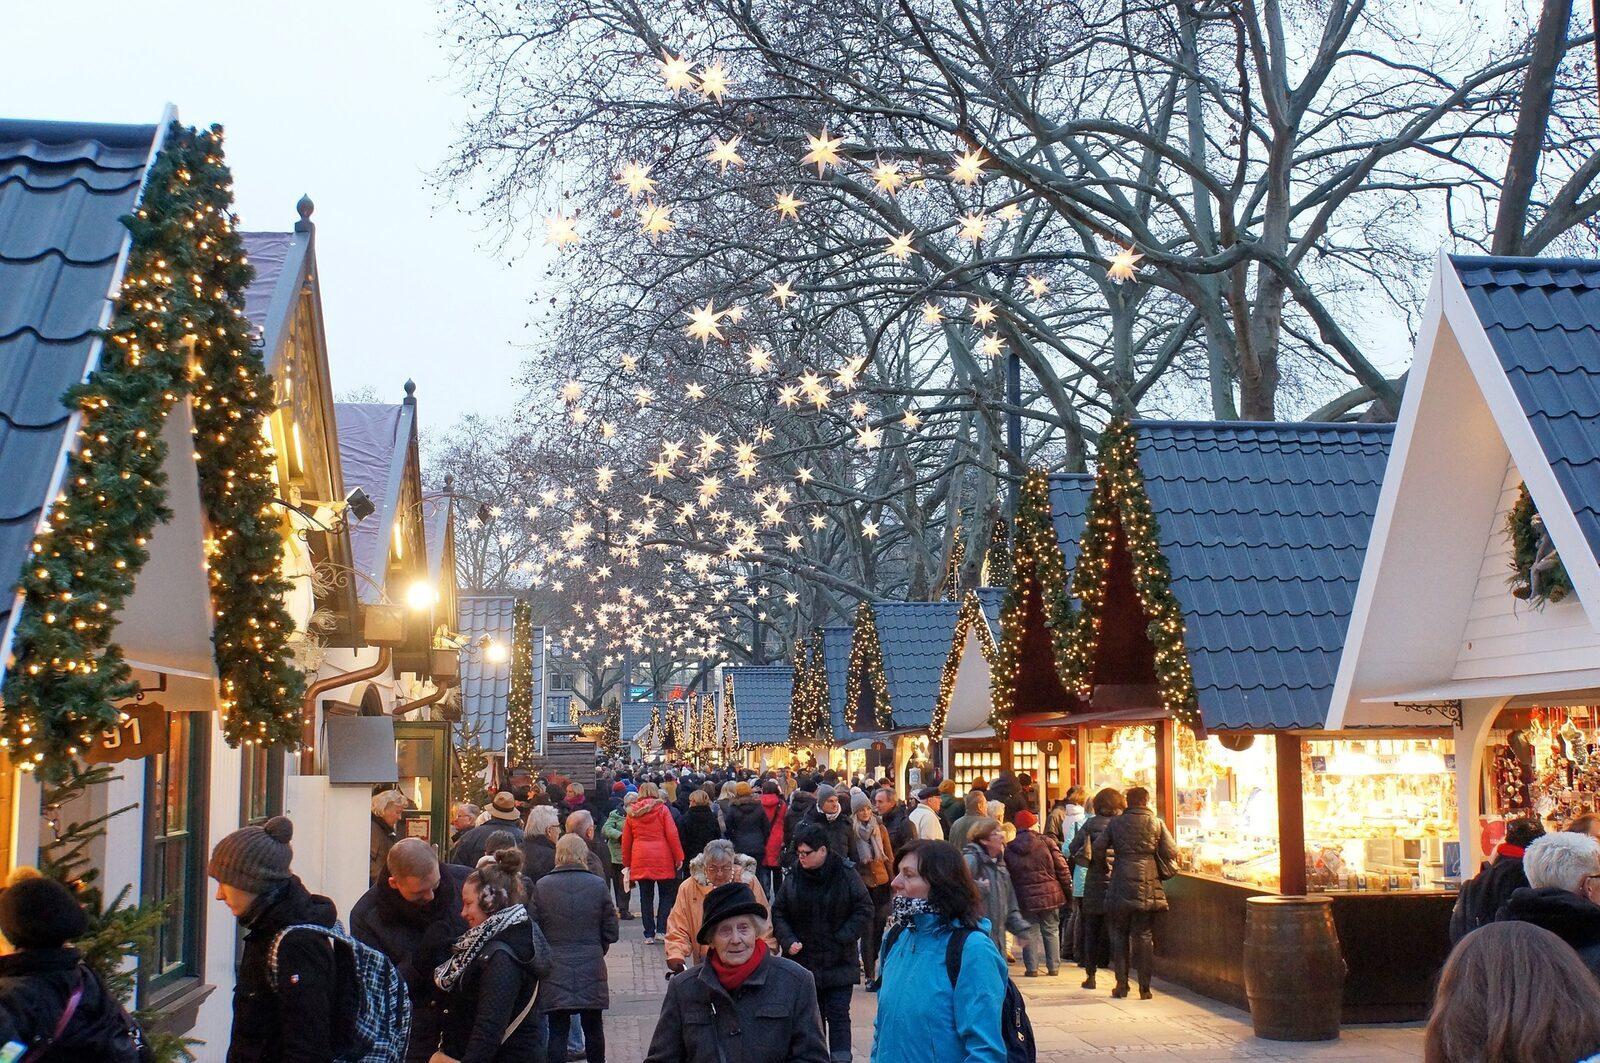 Overnachten nabij kerststad Valkenburg